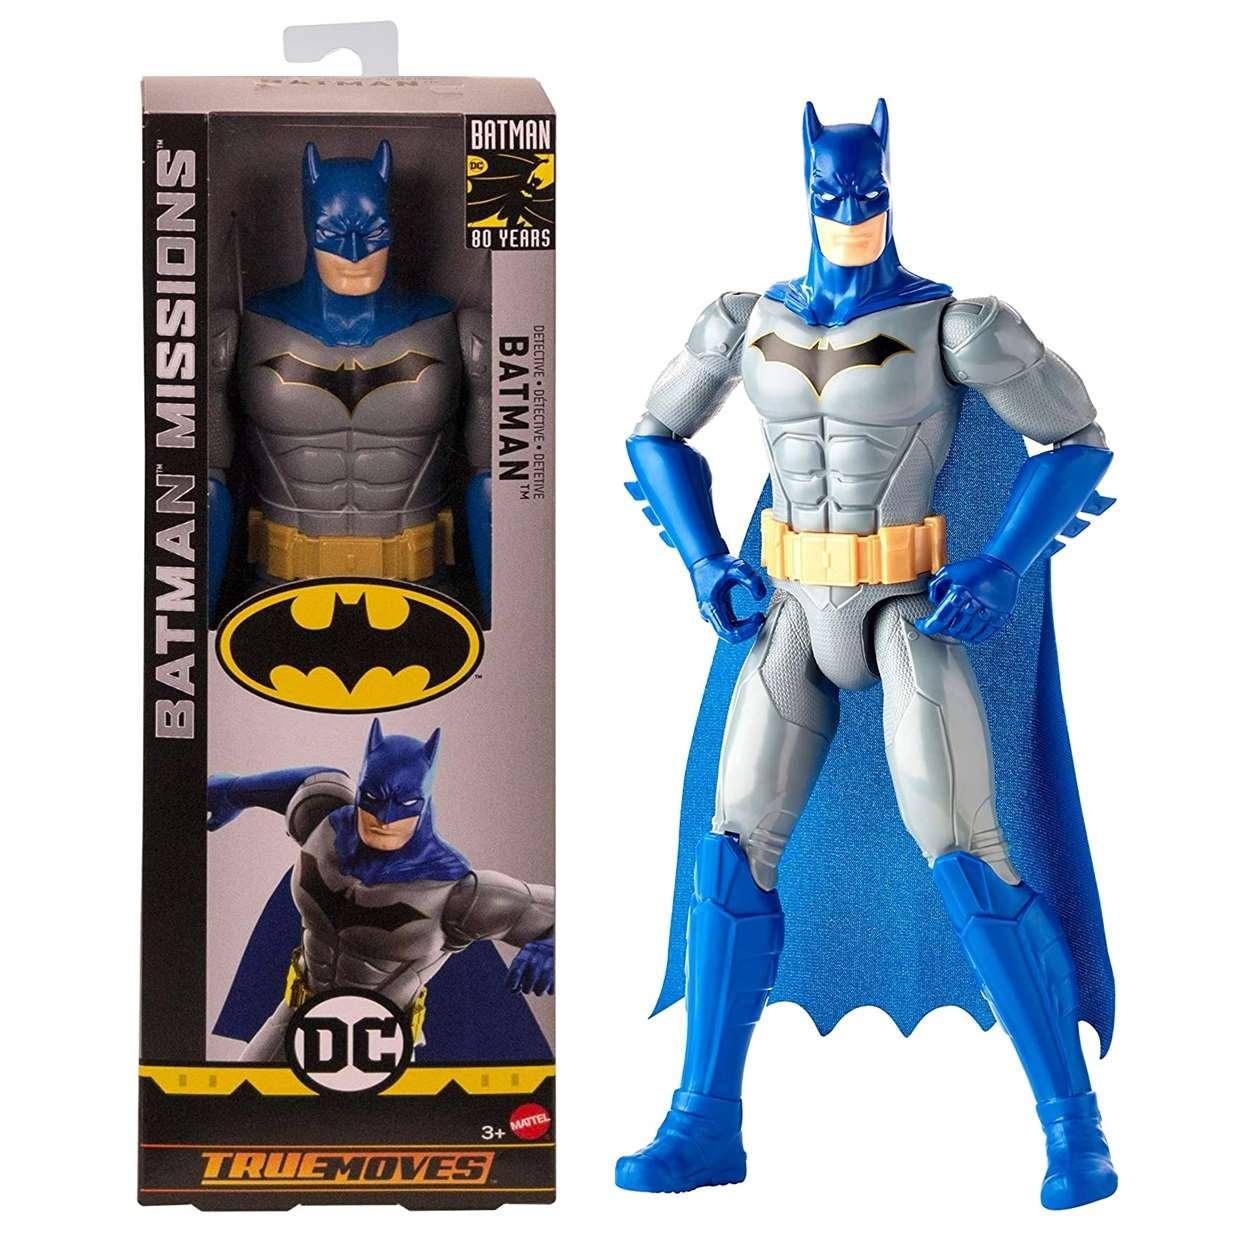 Batman Dectective Figura Batman Missions True Moves 12 Pulg